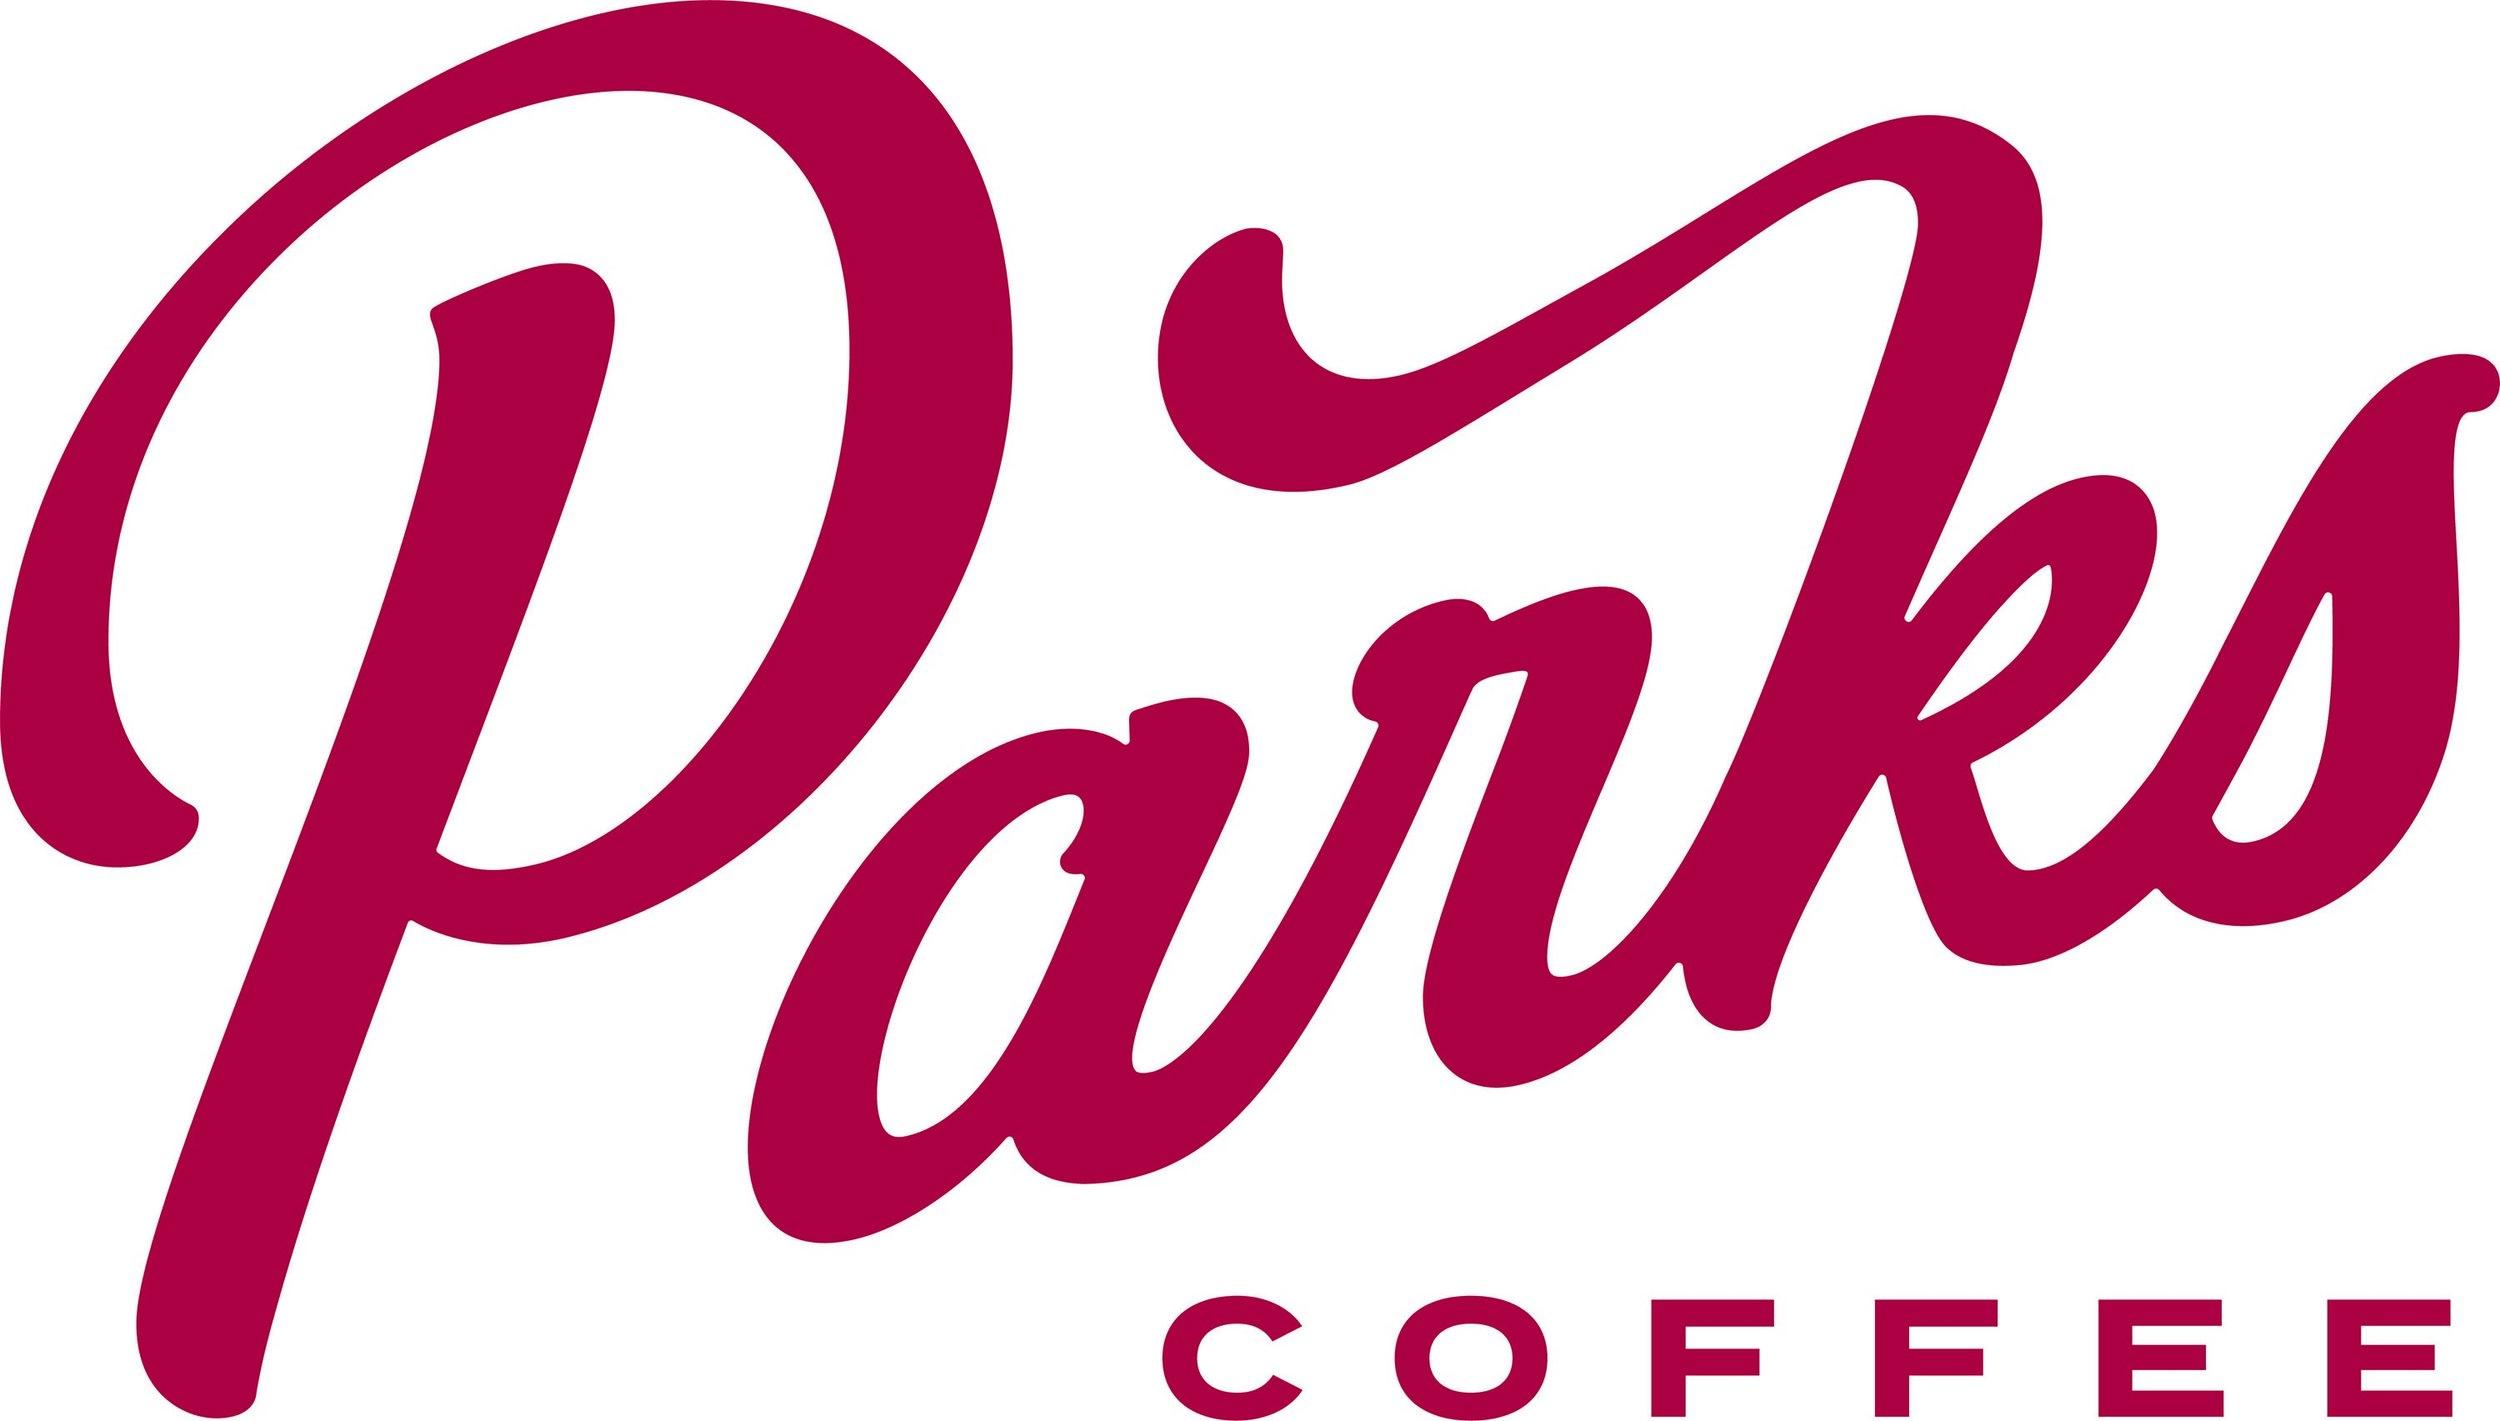 Parks Coffee.jpg